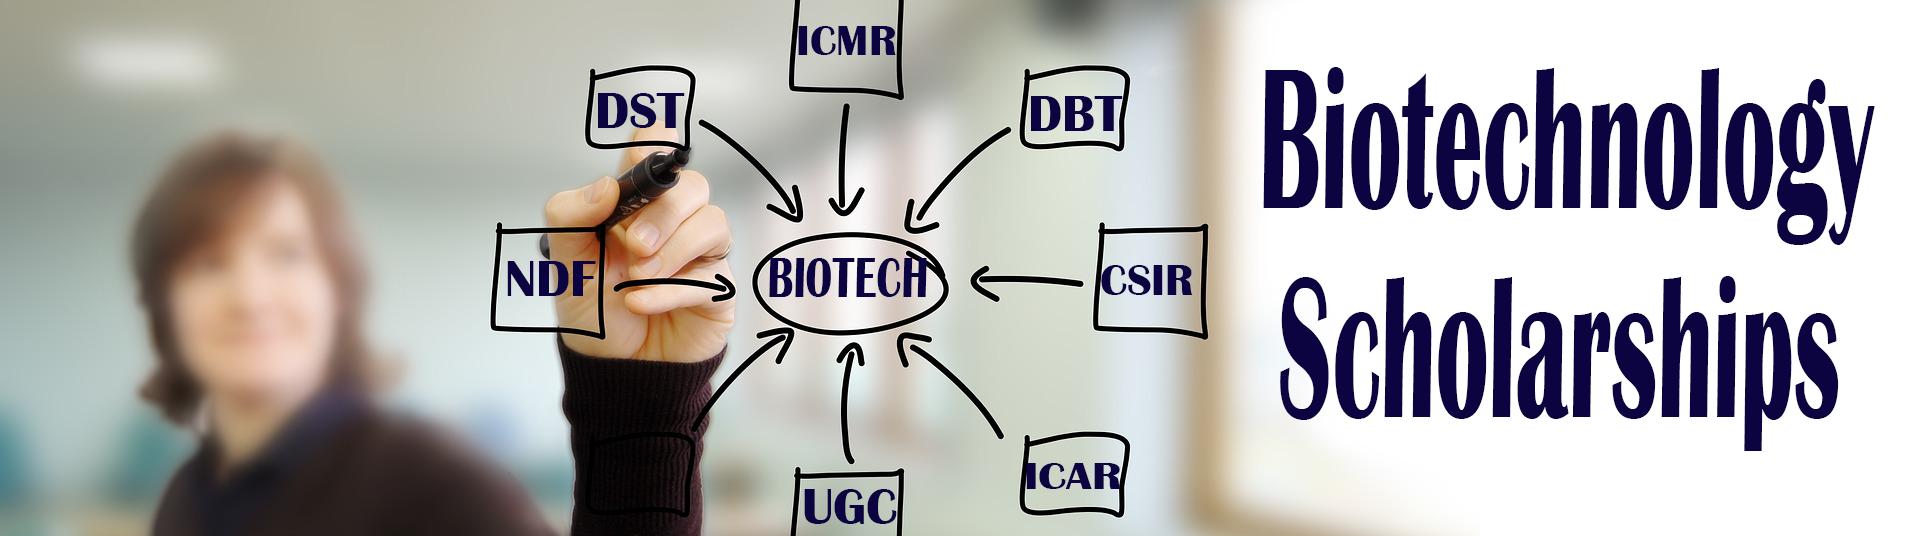 biotechnology scholarship